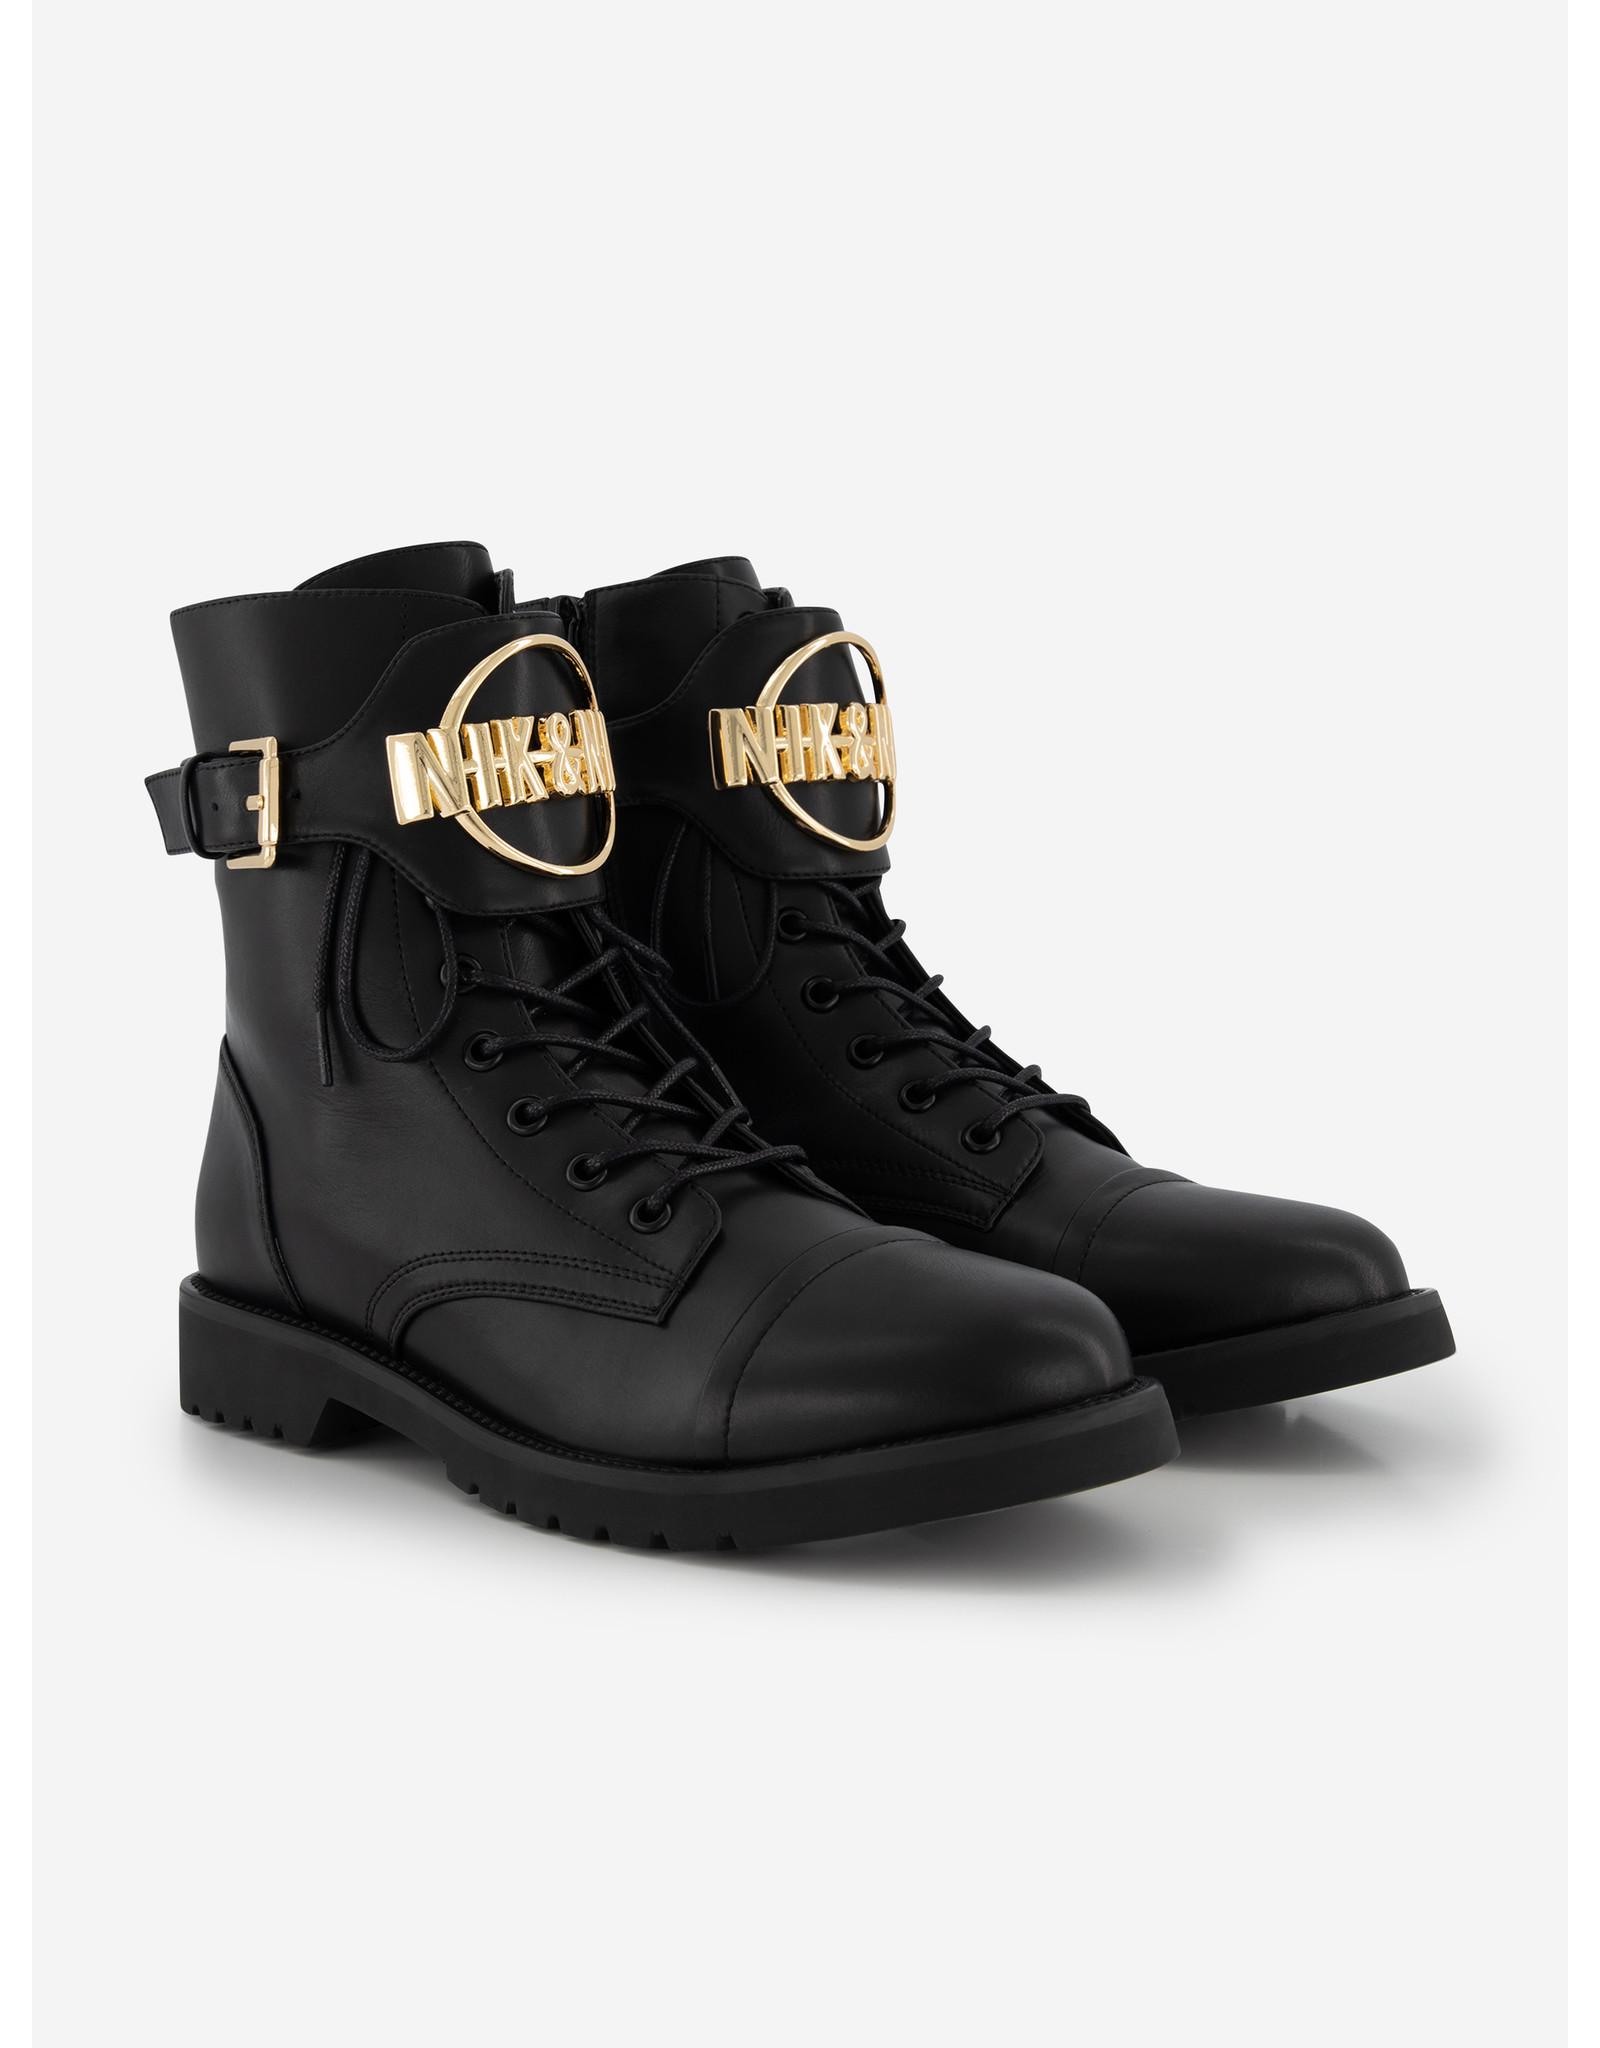 Nik & Nik Brynn Boots Black